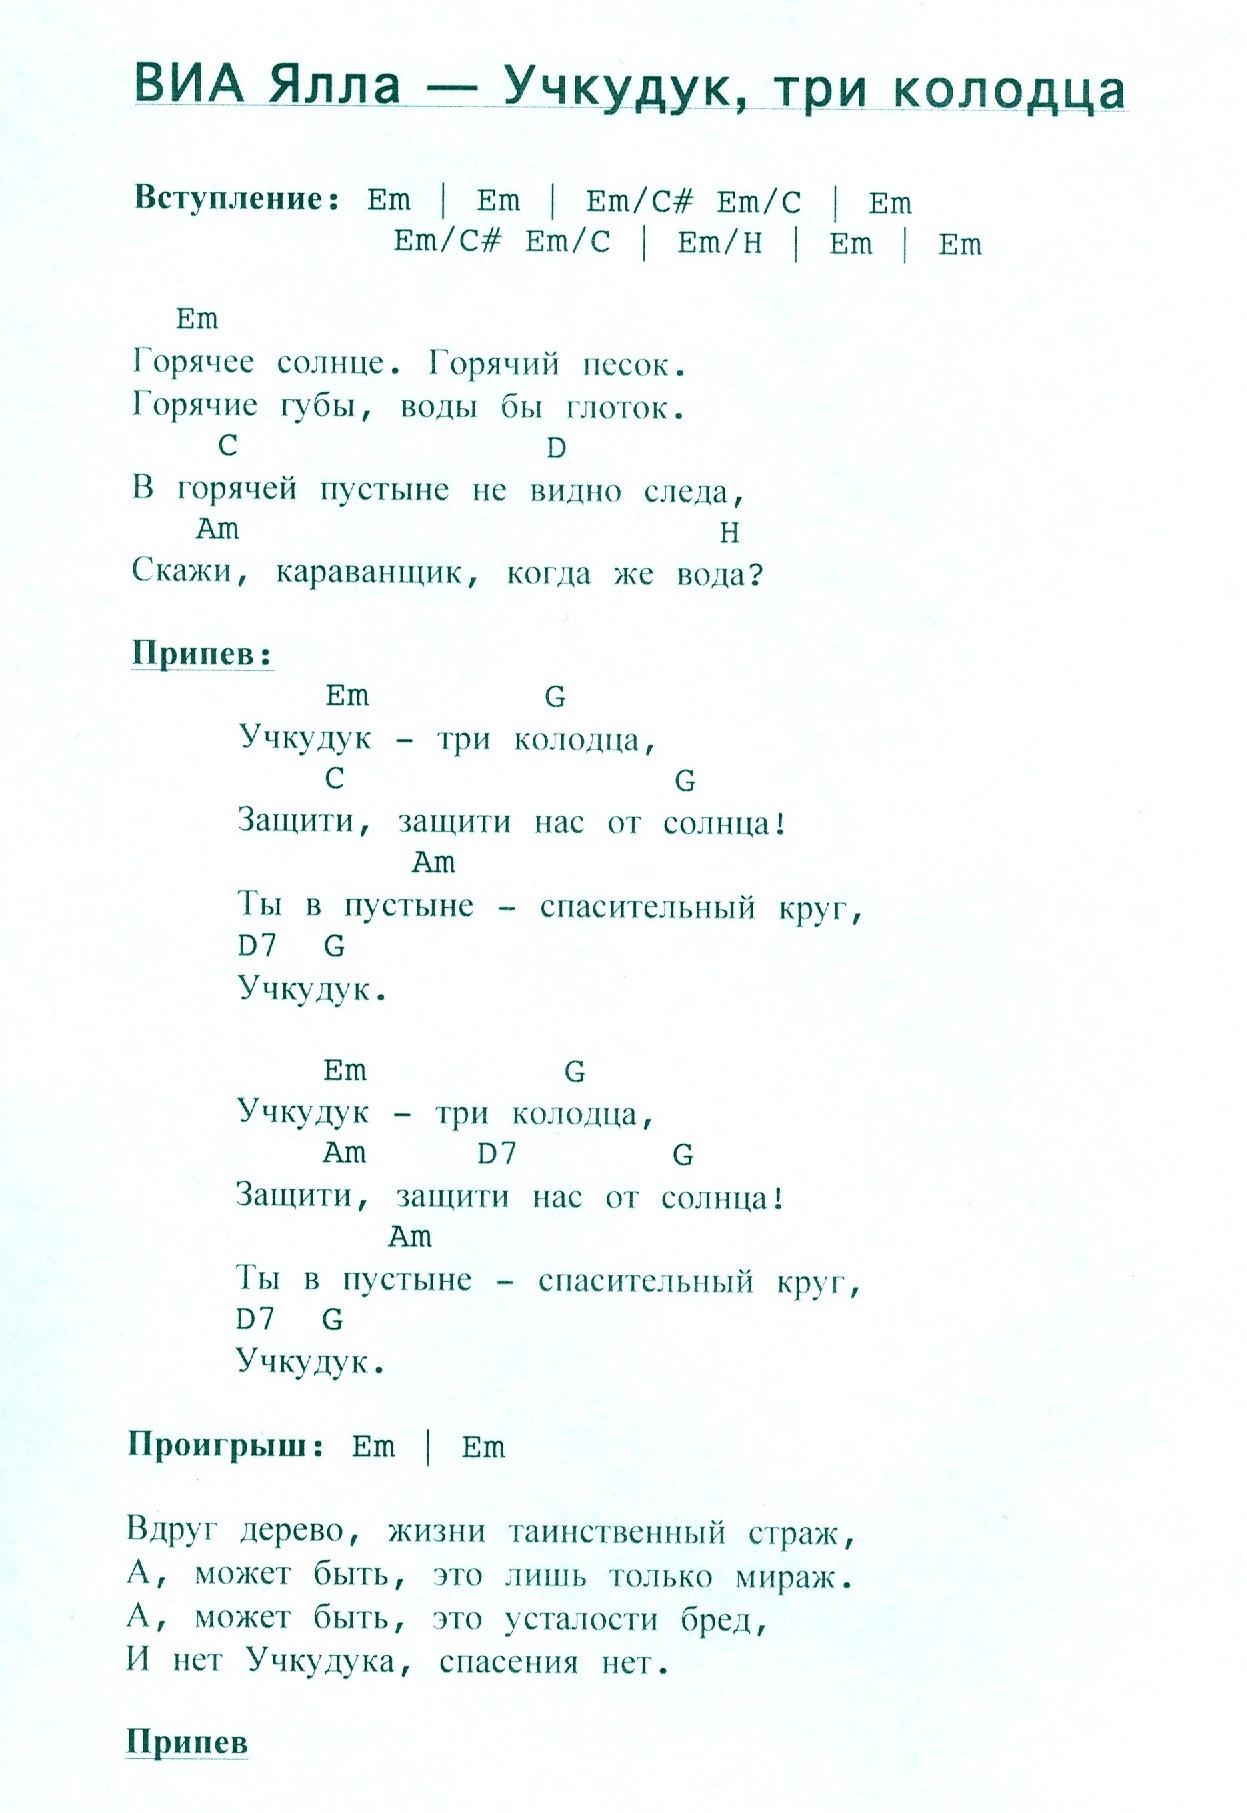 ПЕСНЯ УЧКУДУК ТРИ КОЛОДЦА МИНУС СКАЧАТЬ БЕСПЛАТНО